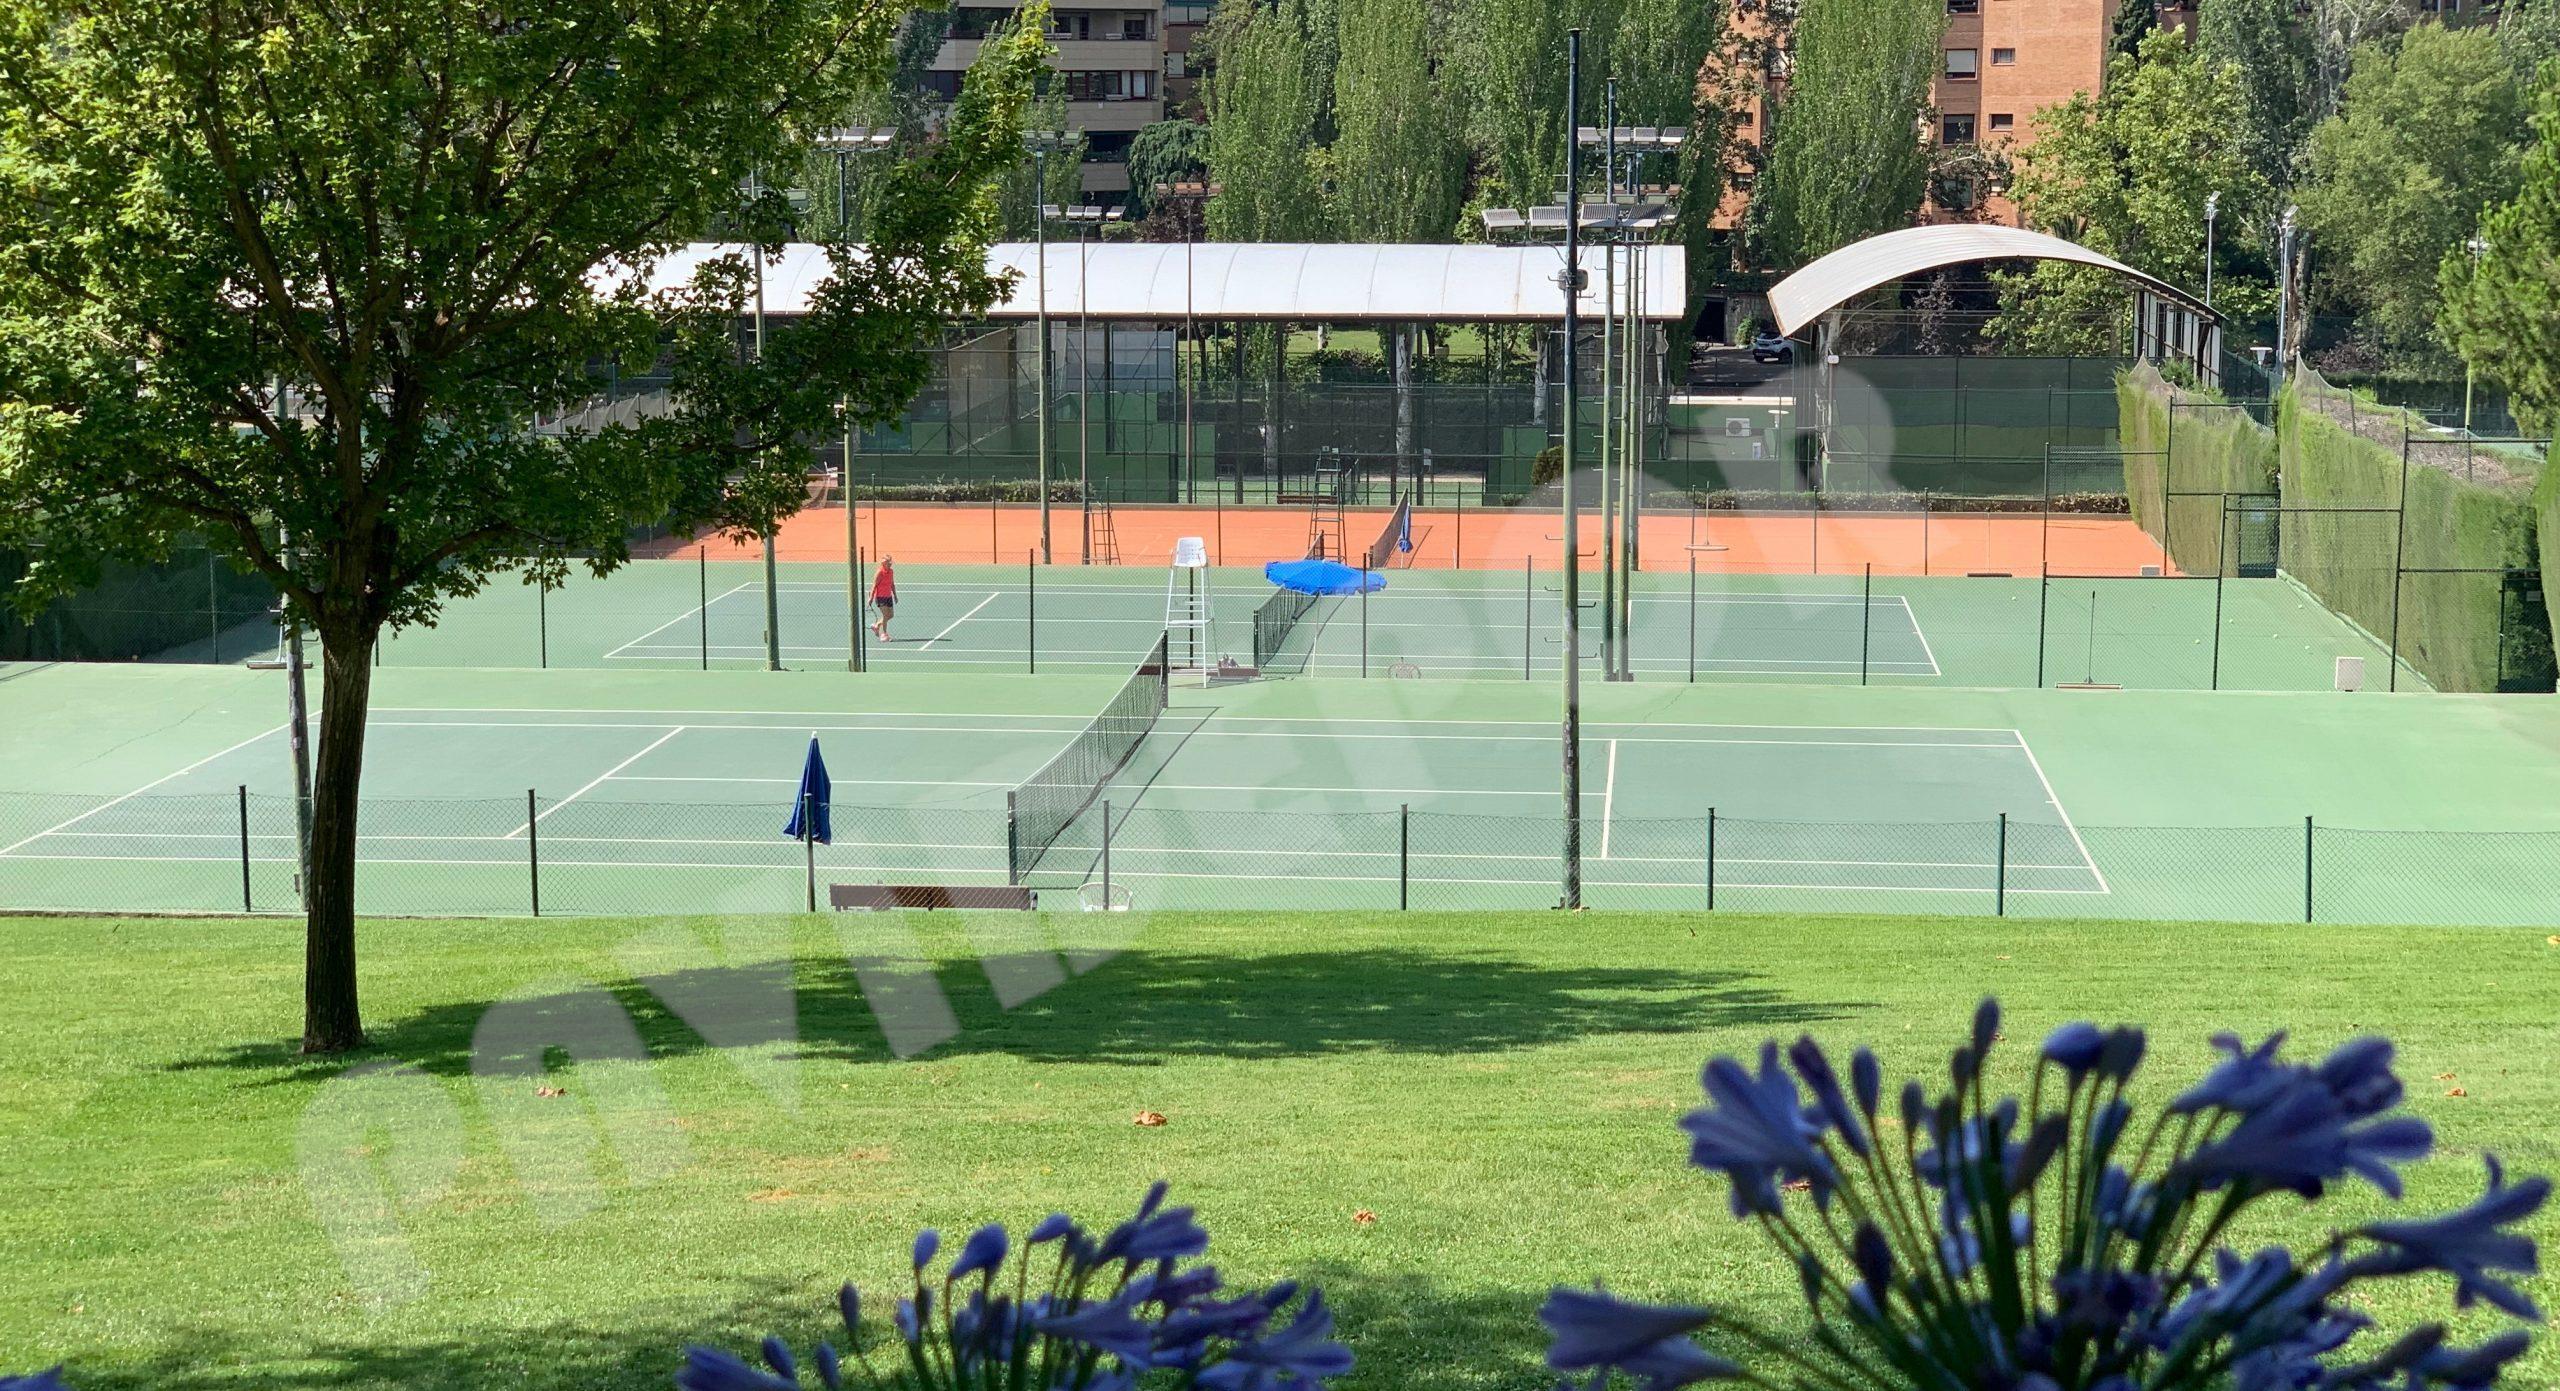 Tenis club Mirasierra